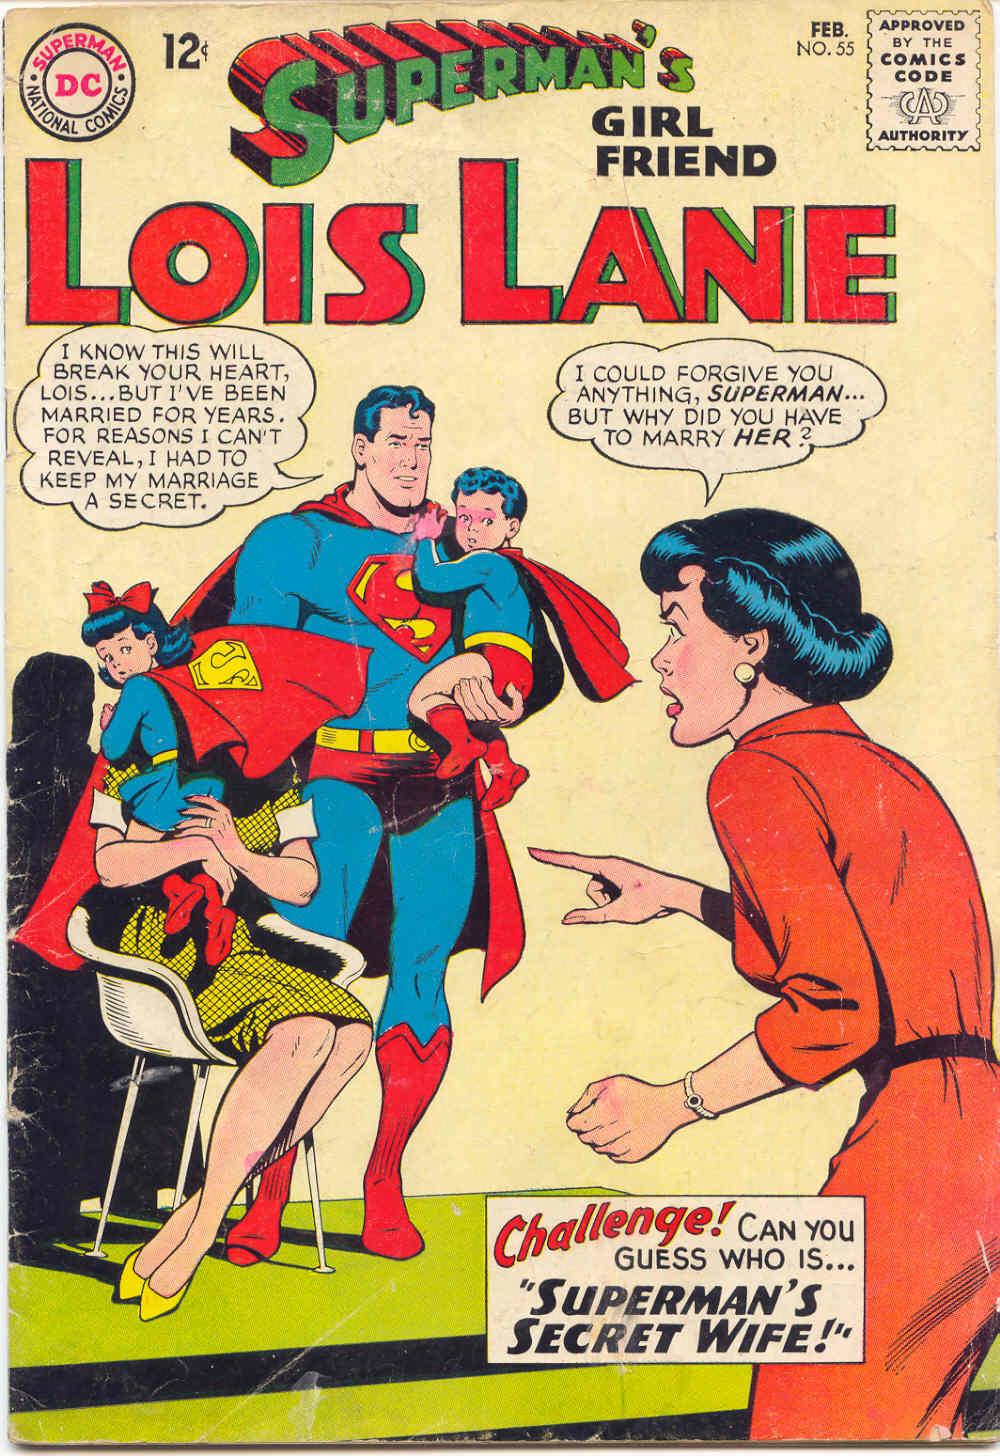 Supermans Girl Friend, Lois Lane 55 Page 1